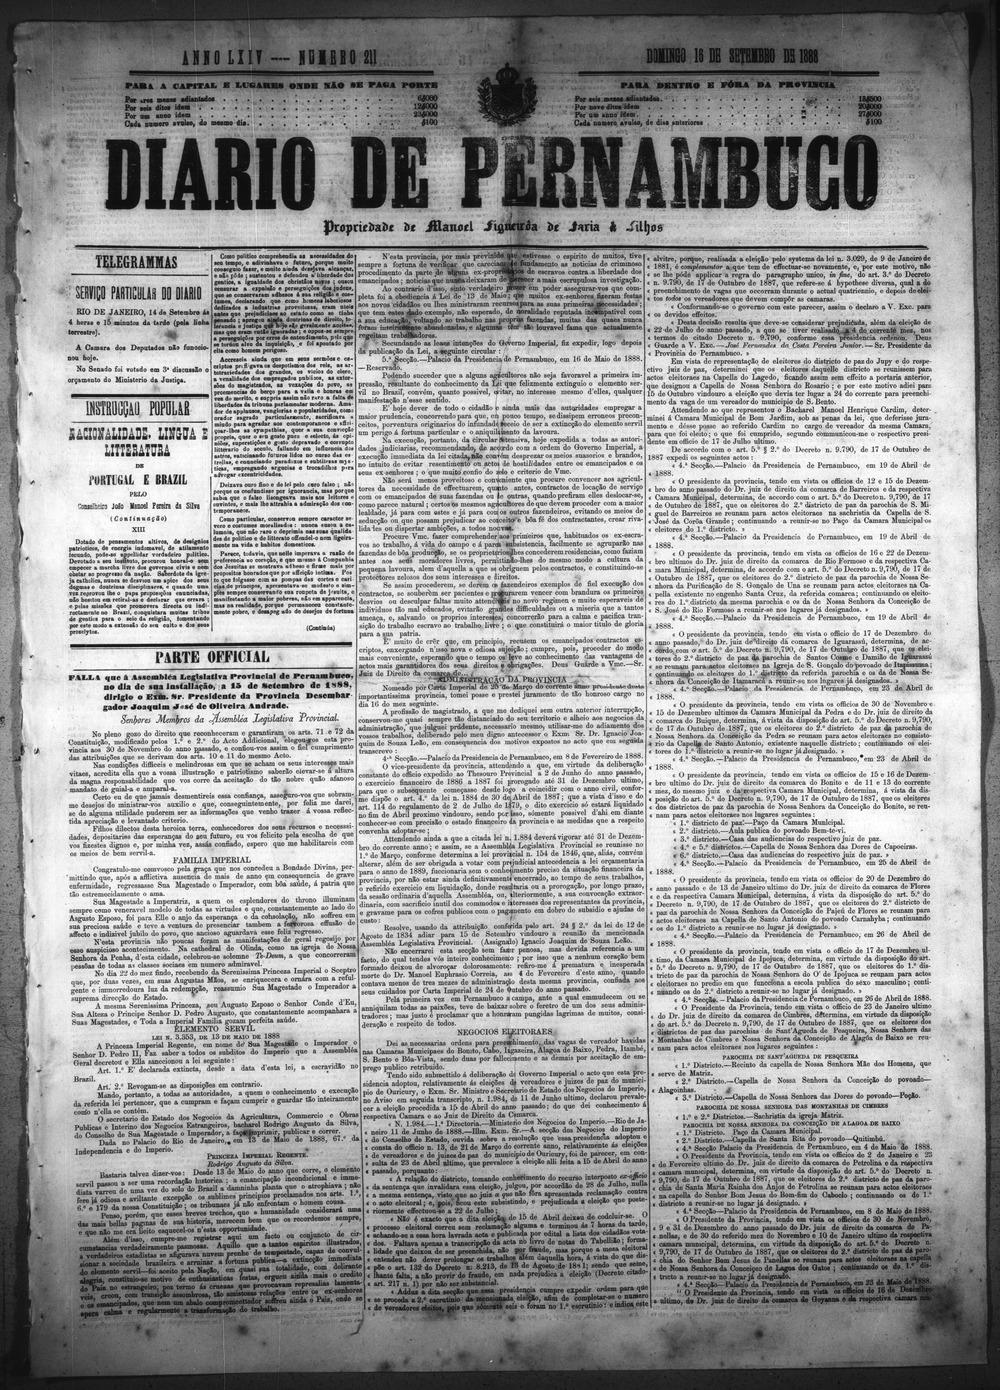 Diario de Pernambuco - Page 1